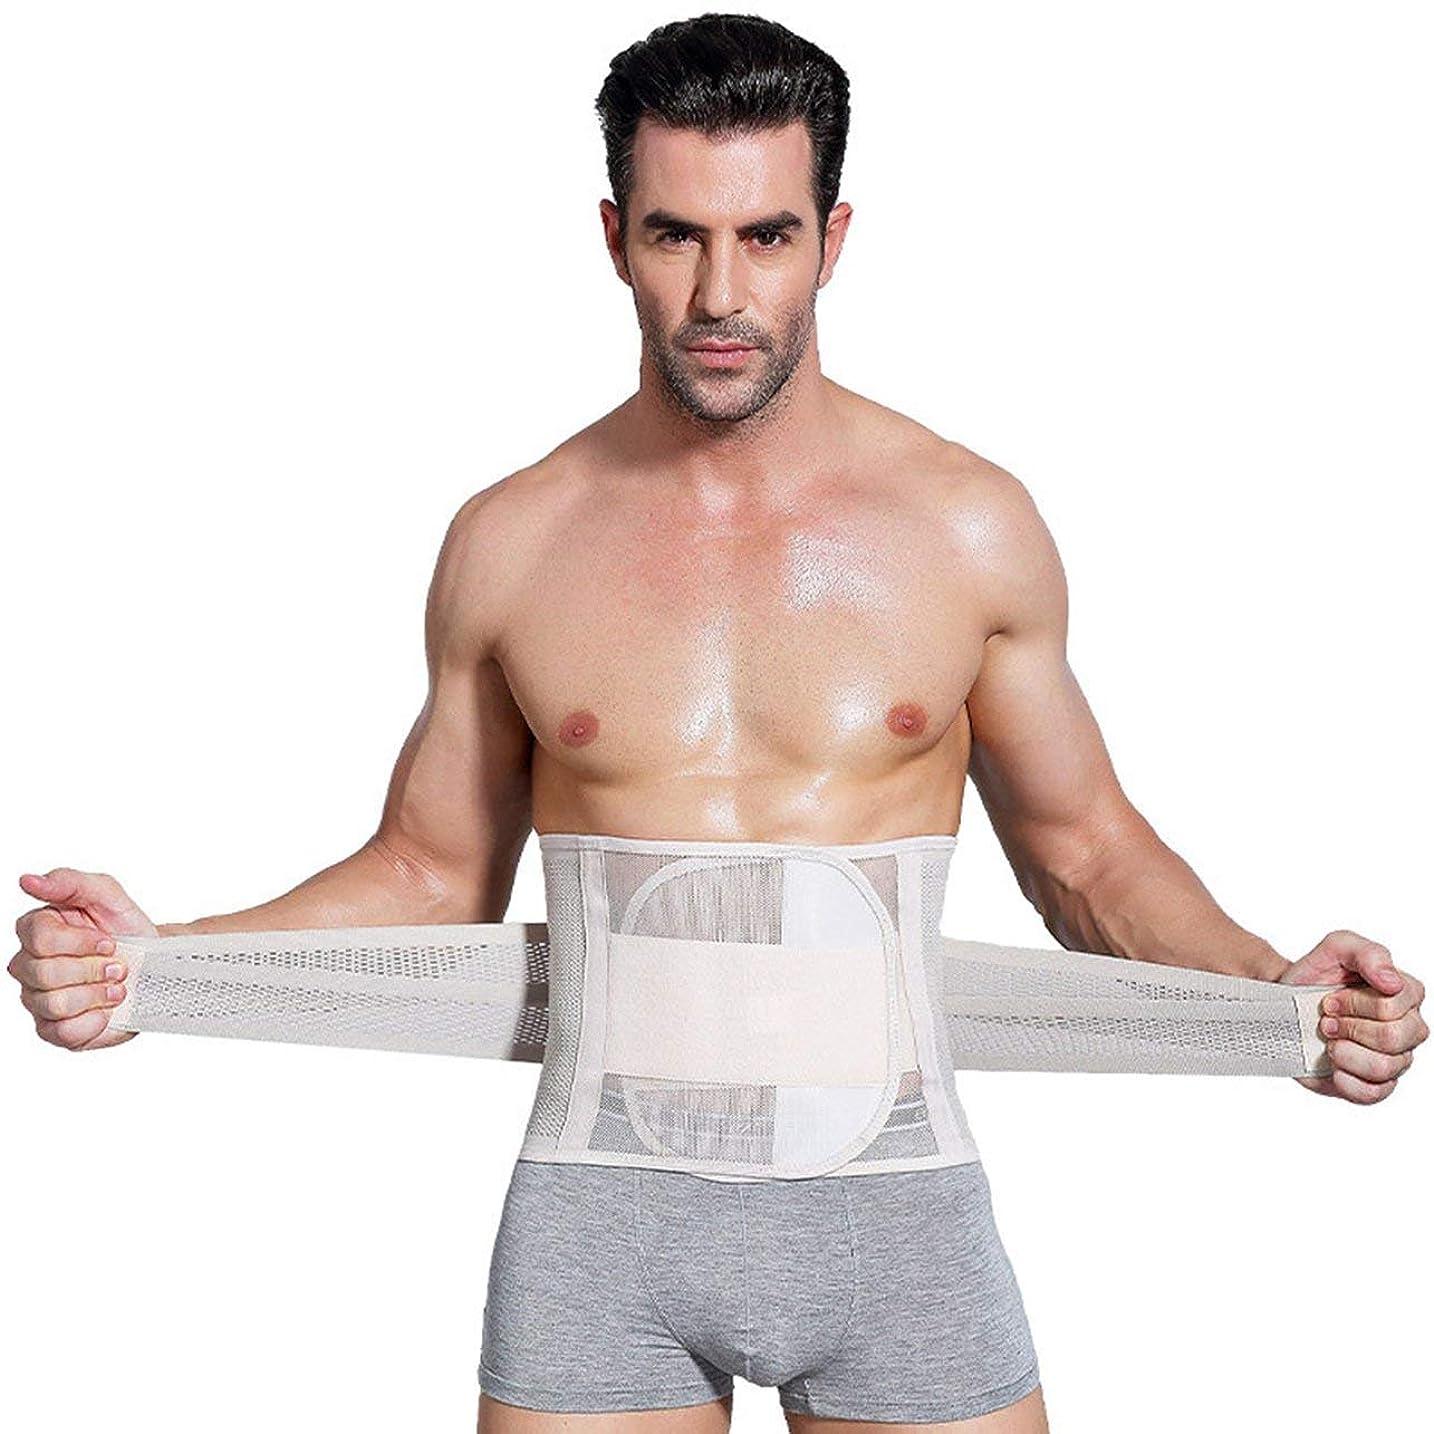 DeeploveUU 男性ボディシェイパーコルセット腹部おなかコントロールウエストトレーナーニッパー脂肪燃焼ガードル痩身腹ベルト用男性